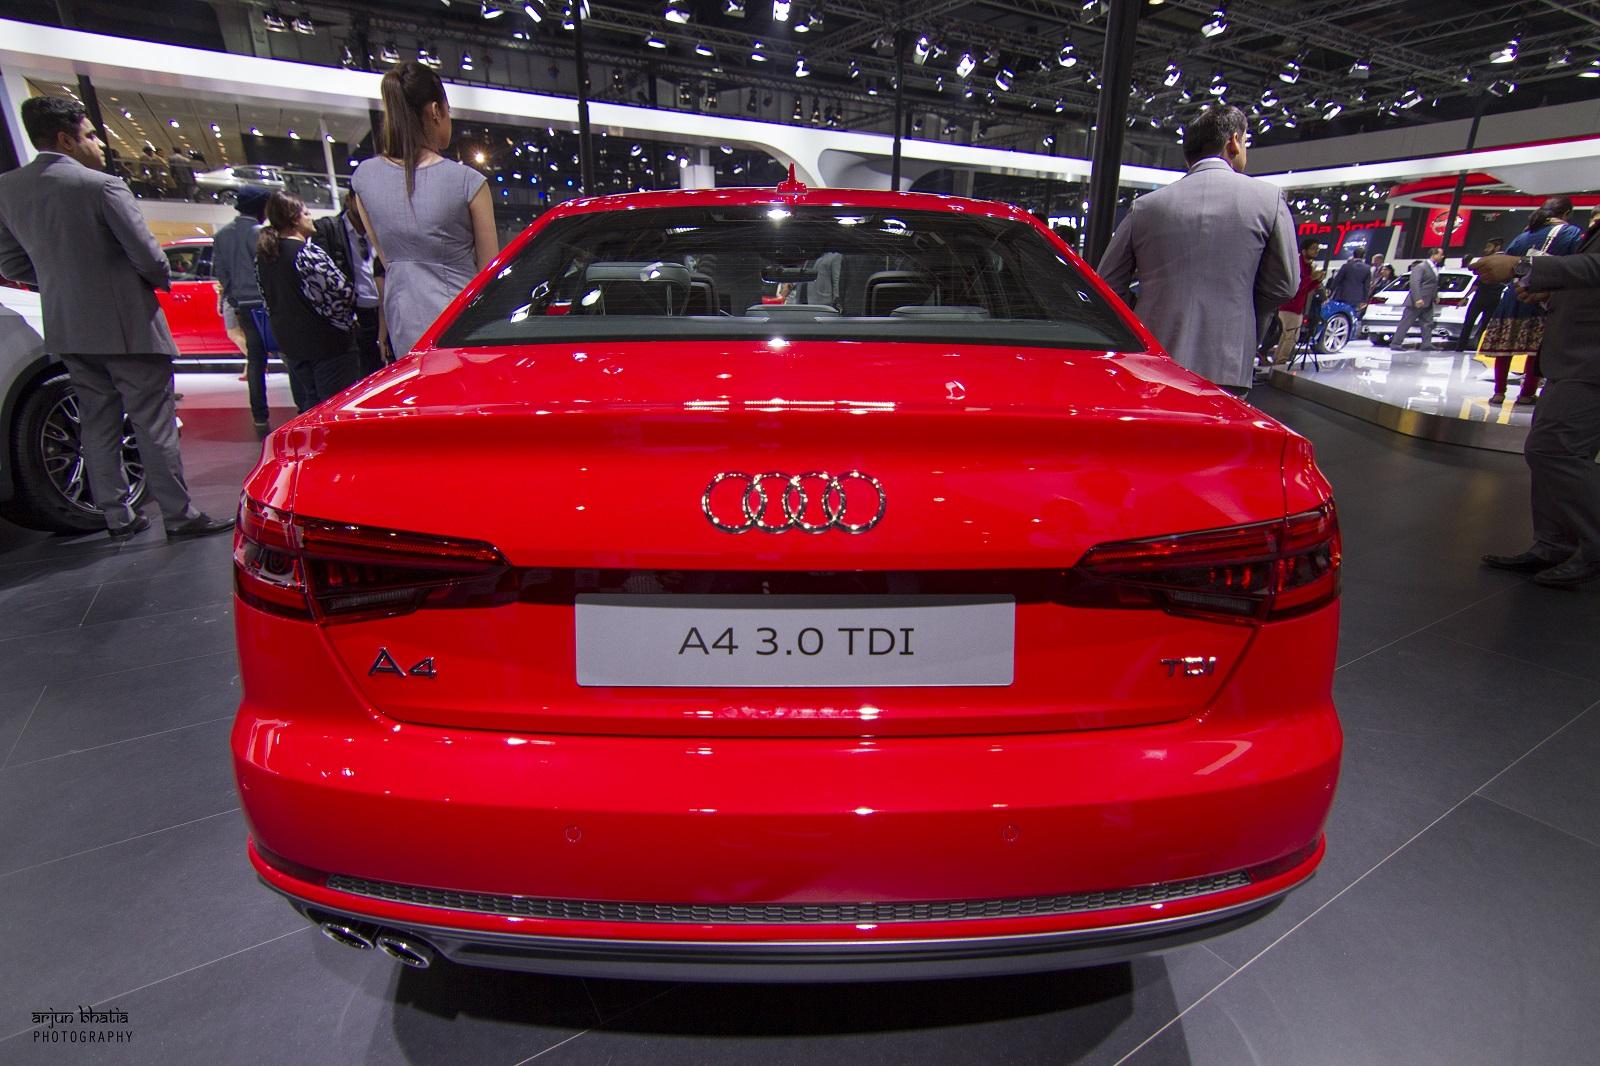 Audi A4 Delhi Auto Expo 2016 2